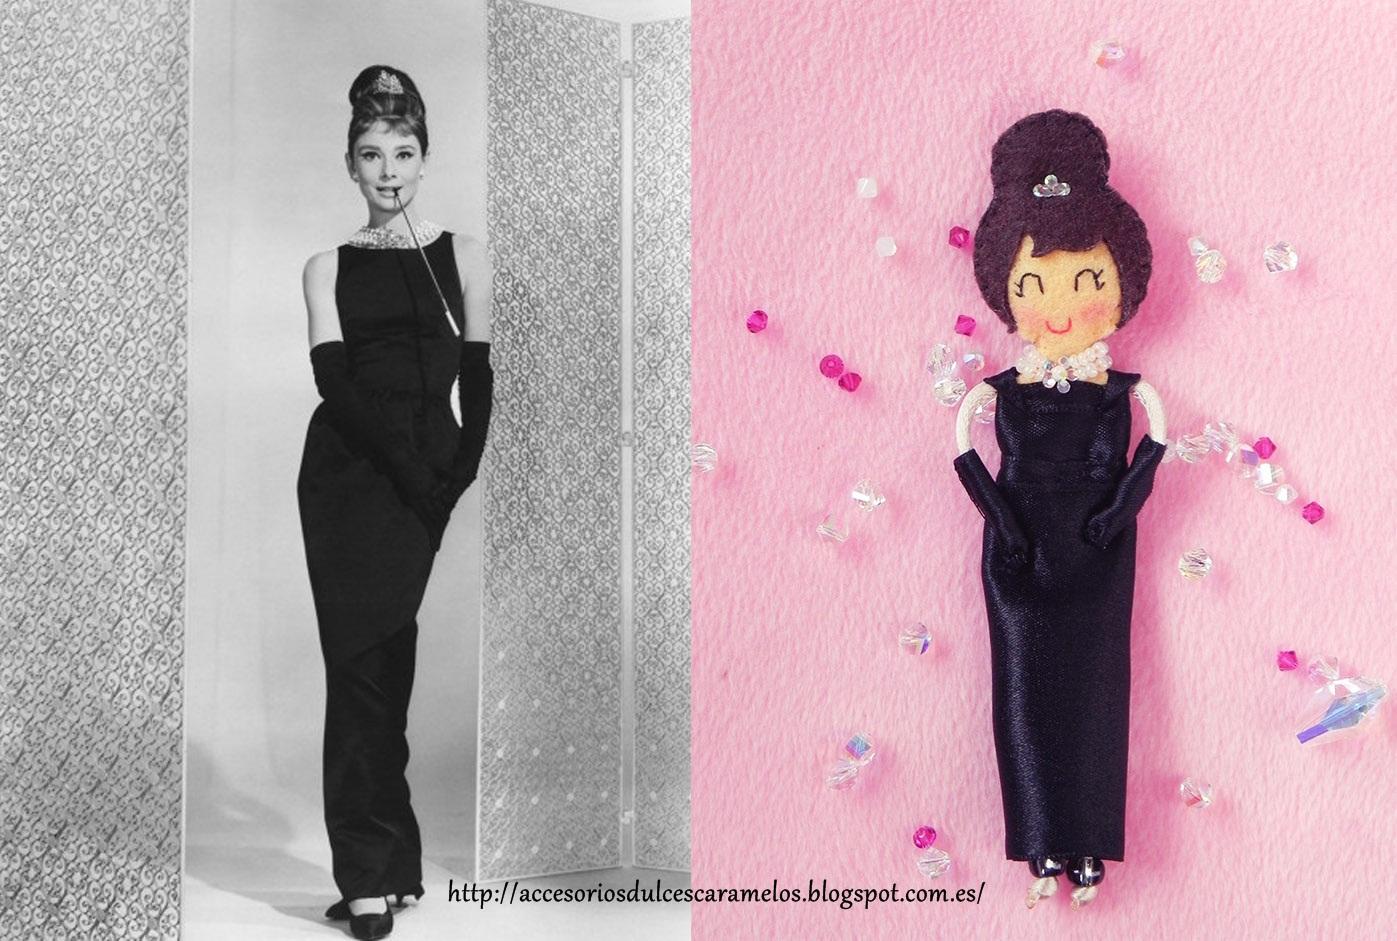 Fieltro DulcesCaramelos: Audrey Hepburn fieltro